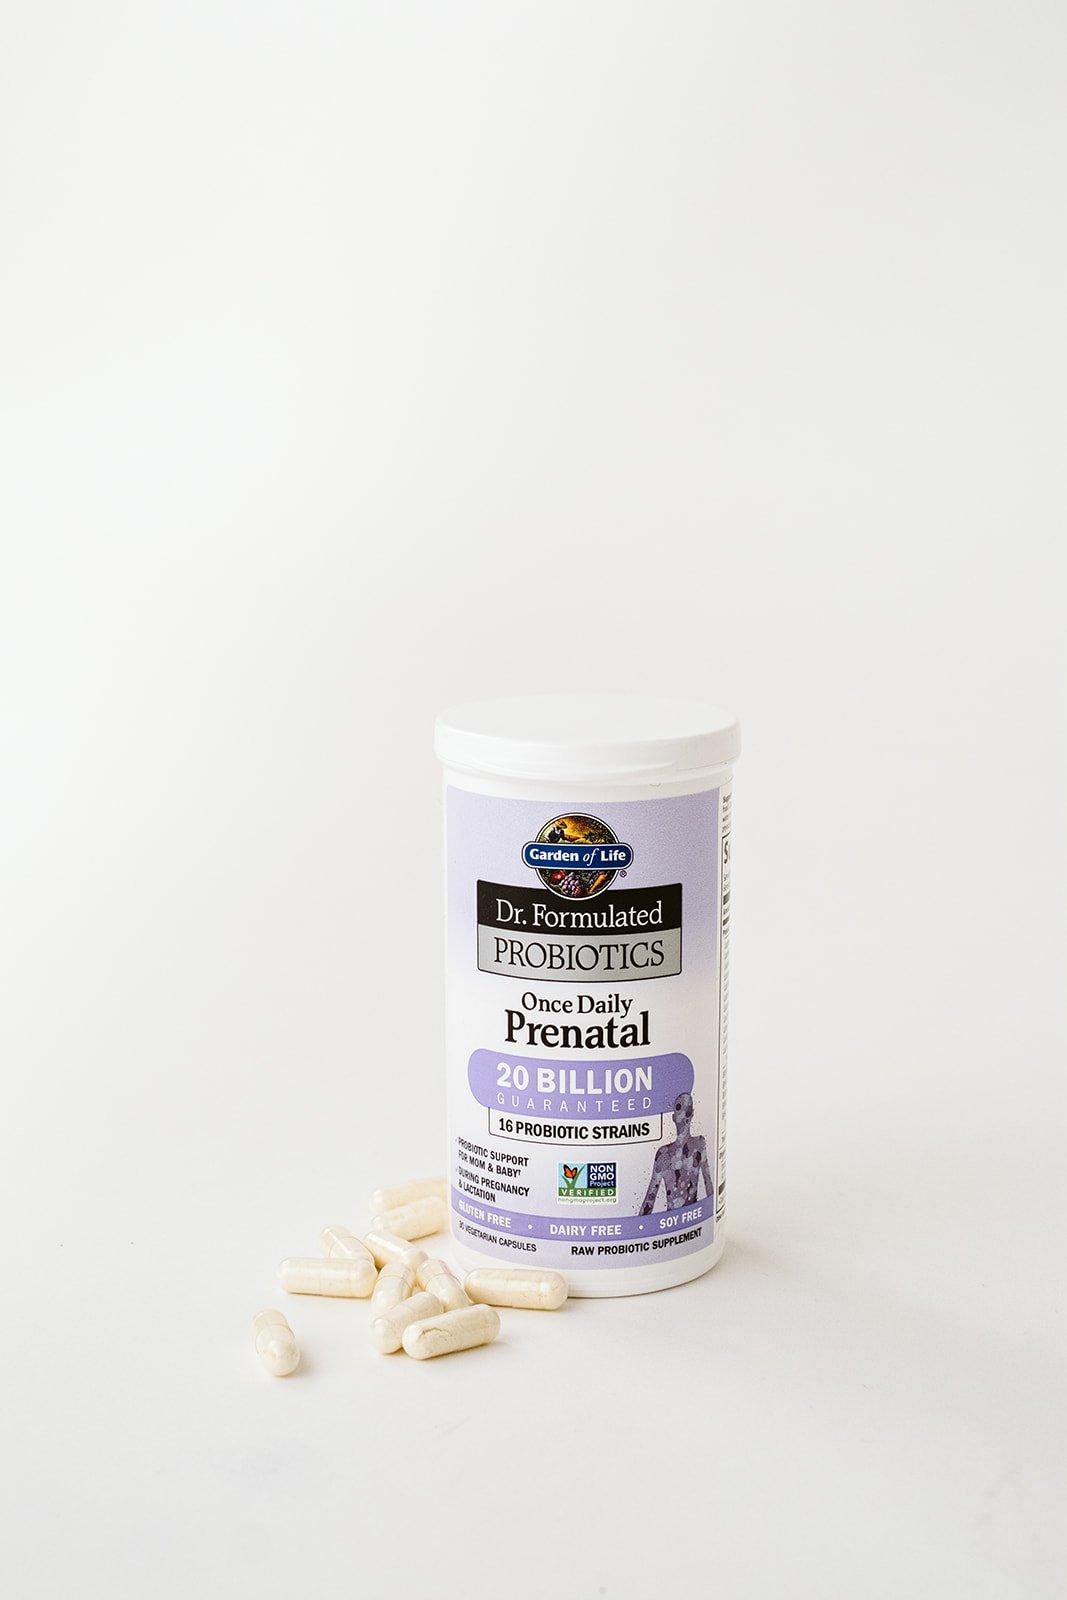 prenatal probiotics